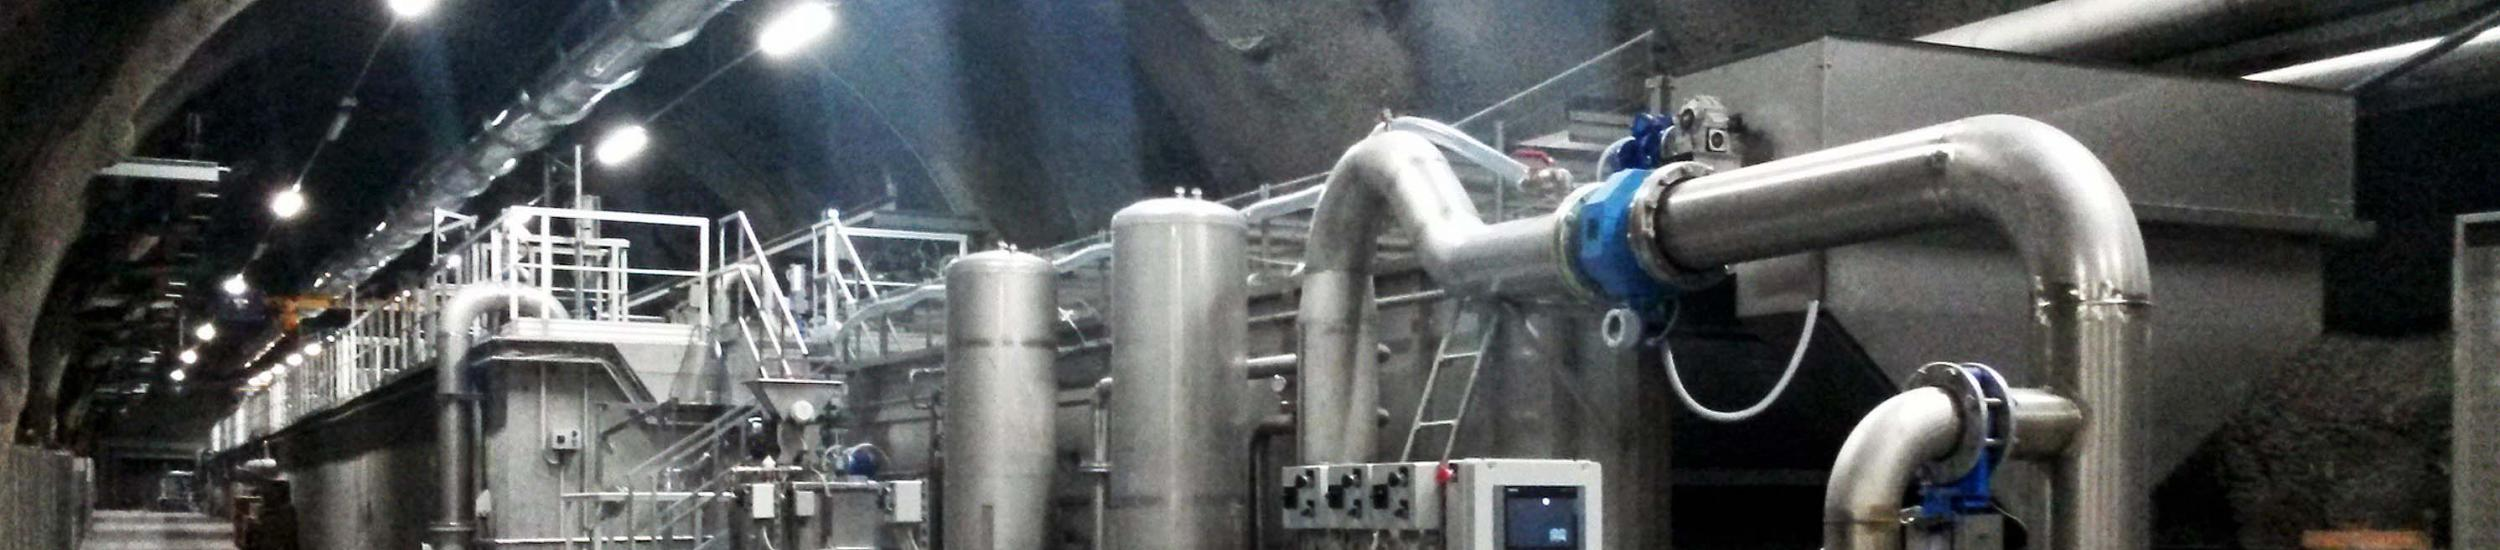 """News: Depurazione acque nel tigullio orientale, """"incontro costruttivo a lavagna"""""""